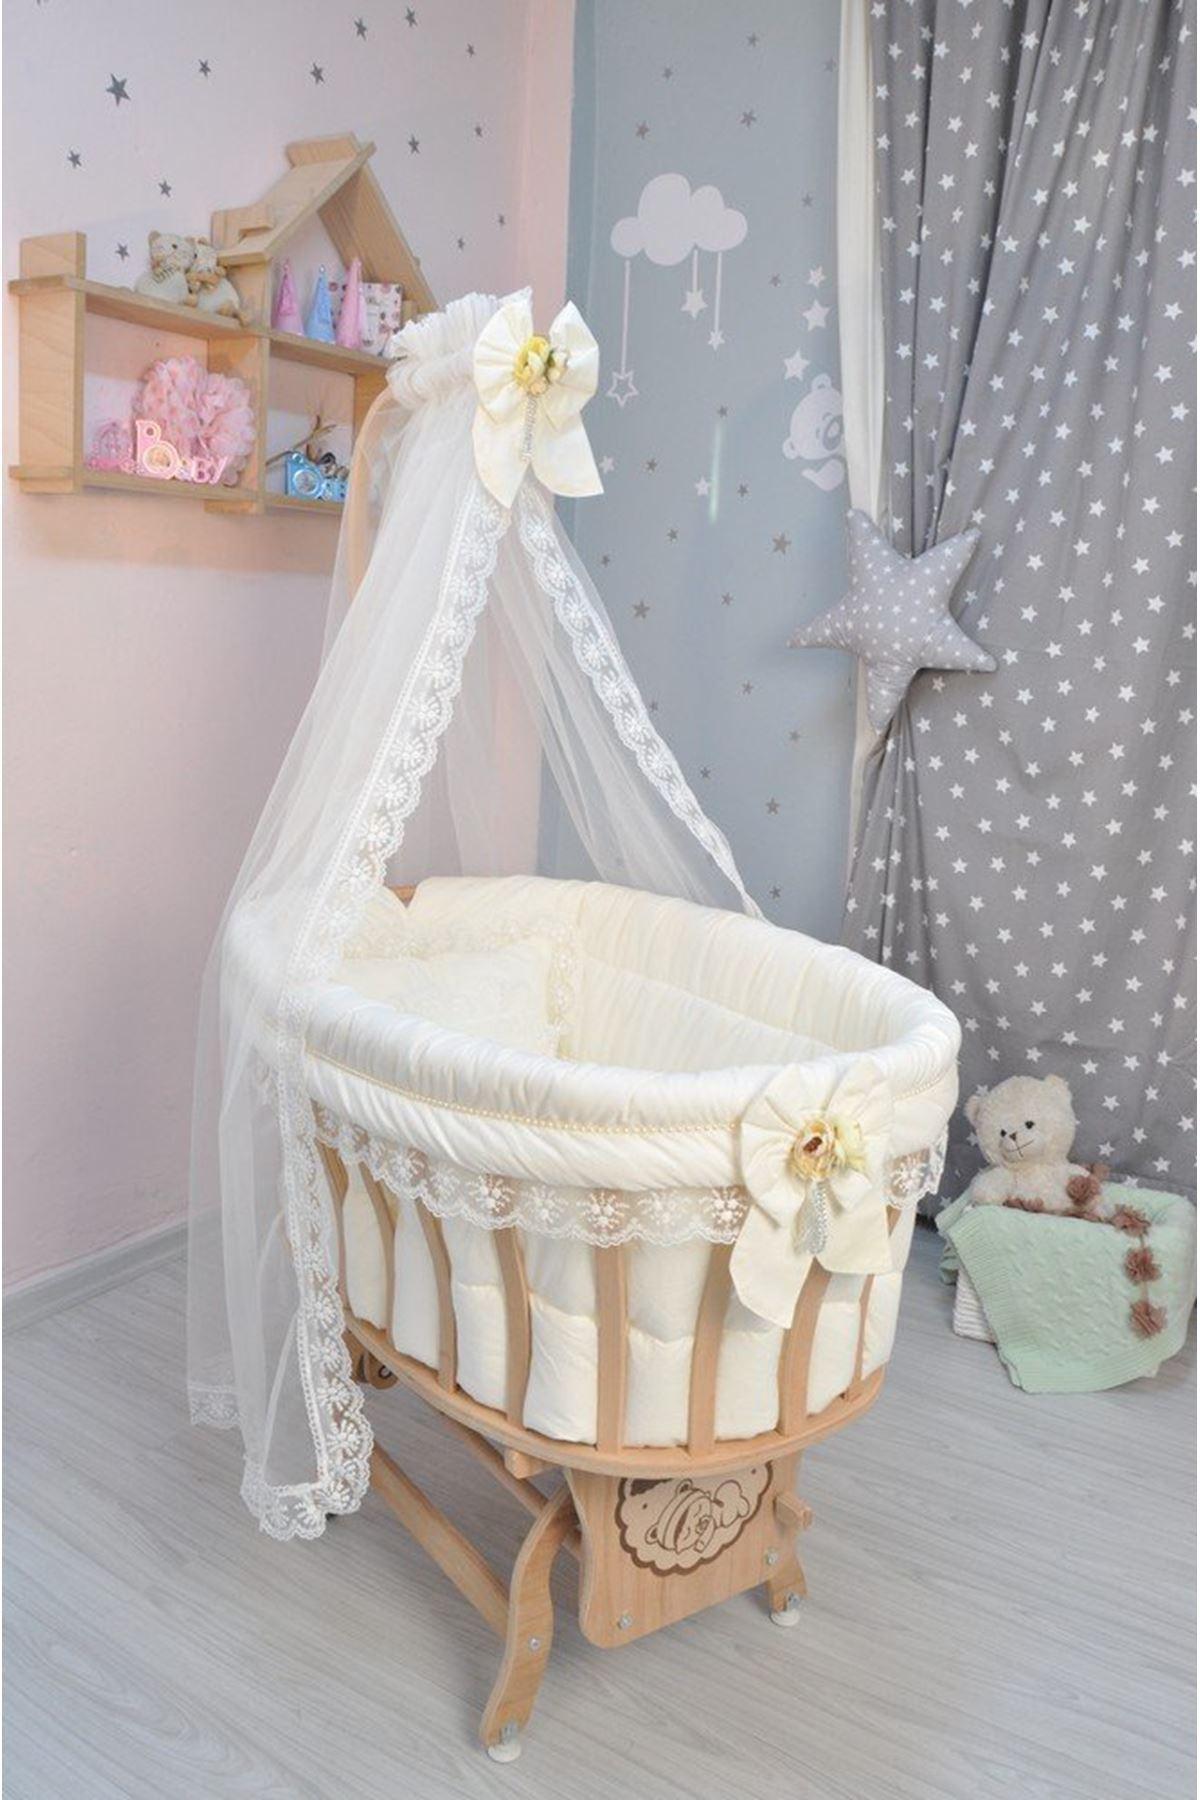 Çiçekli Fiyonklu Krem Uyku Seti ile Doğal Ahşap Sepet Bebek Beşiği